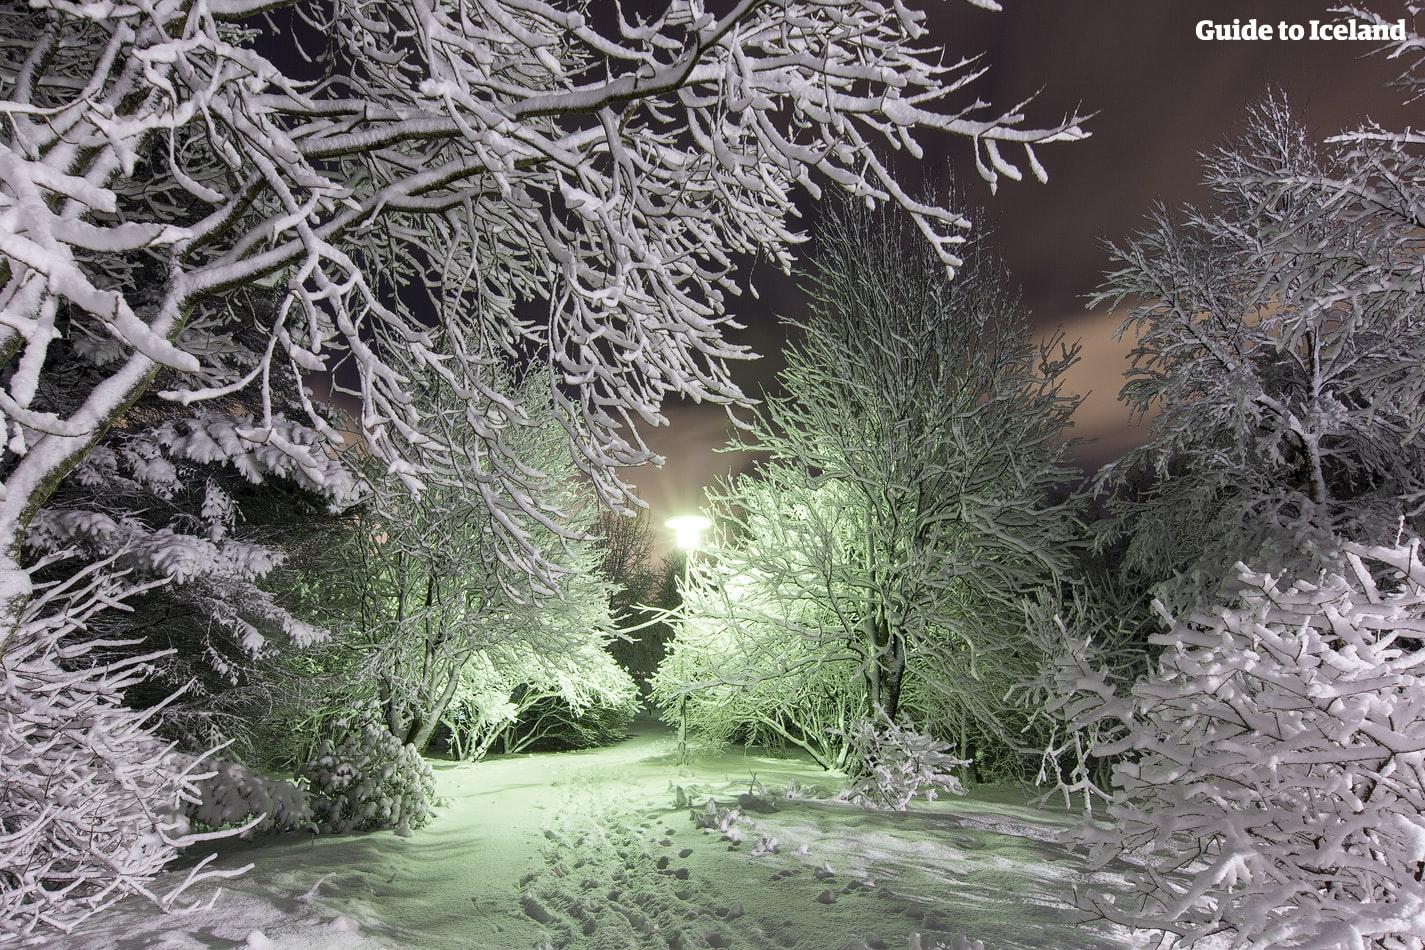 겨울 아이슬란드의 수도 레이캬비크의 아름다움에 빠져보세요!